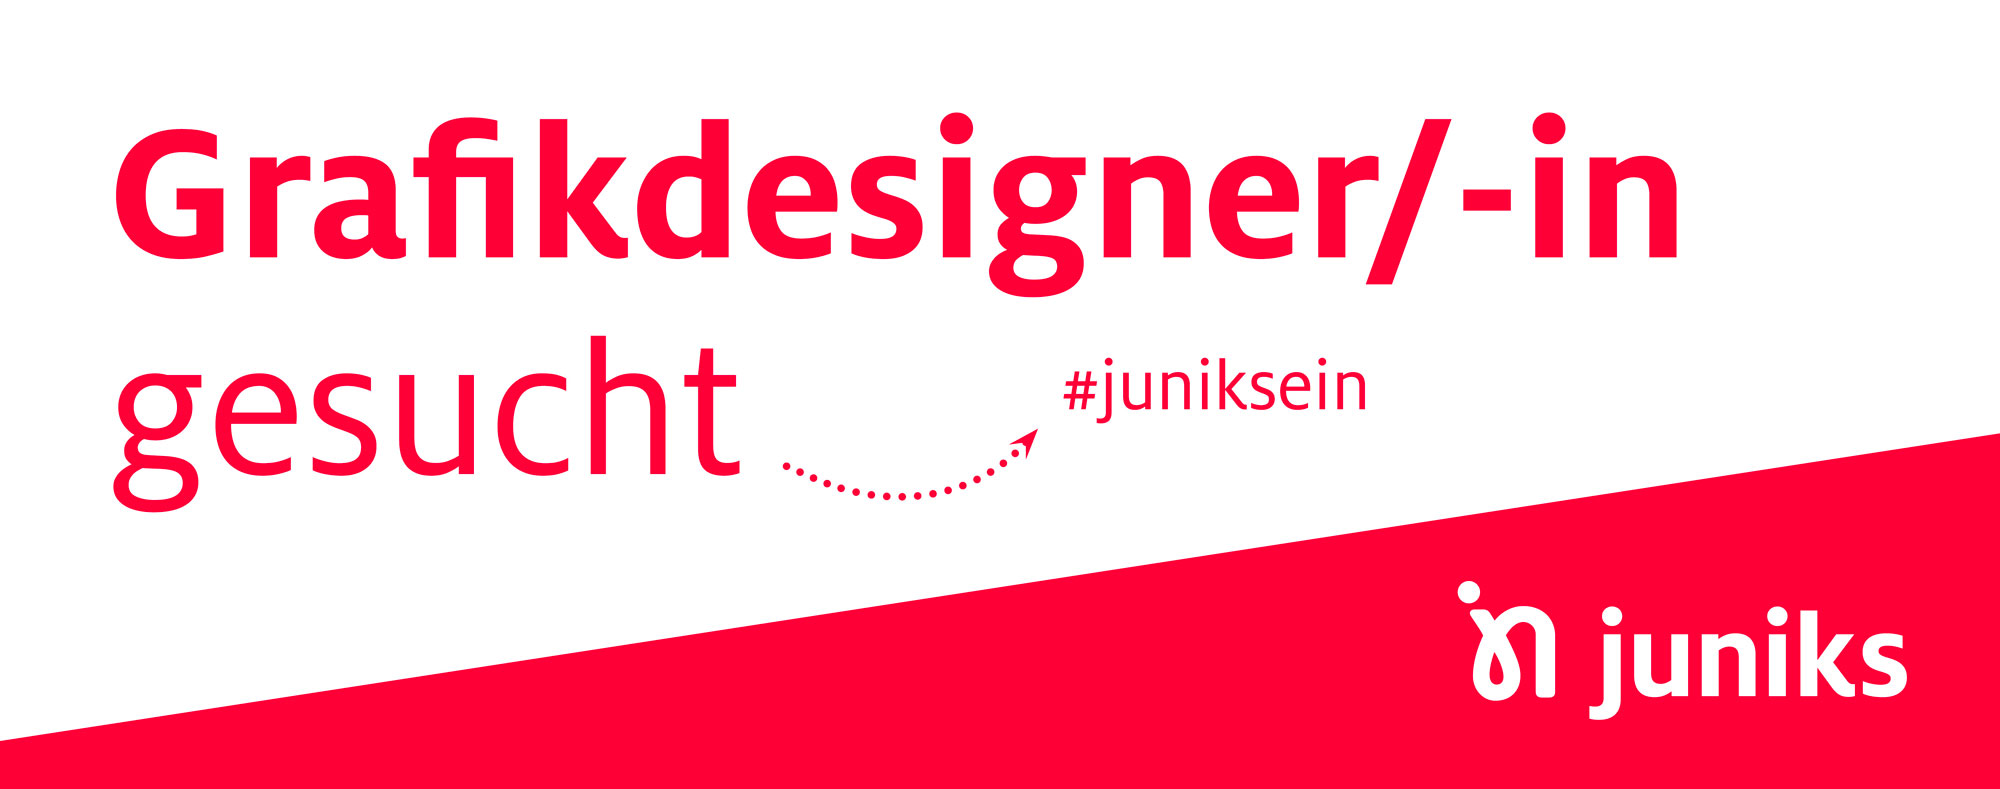 Grafikdesigner/-in gesucht